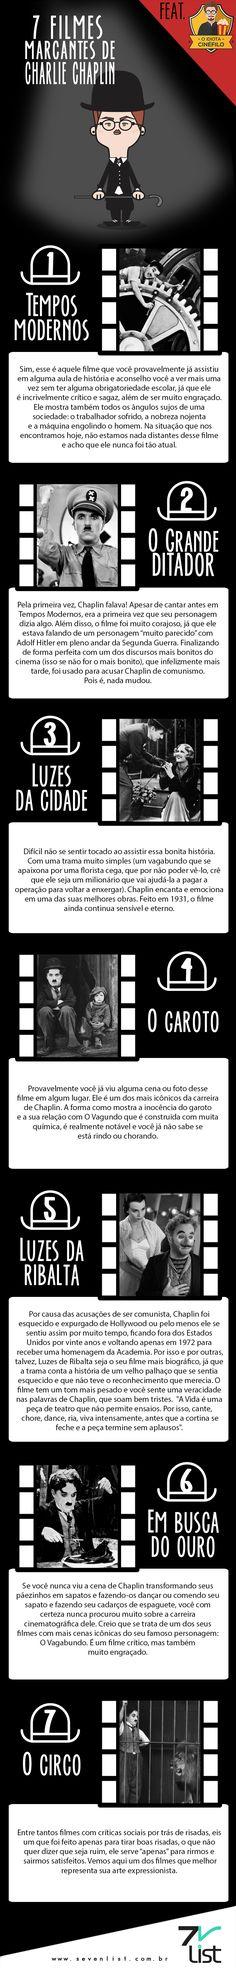 Hoje uma figura super especial e revolucionária do cinema faz aniversário. E apesar de não estar mais entre nós, sempre será lembrando pelos seus trabalhos incríveis e inesquecíveis. Confira 7 filmes marcantes de Charlie Chaplin. #Sevenlist #Infográfico #List #Lista #Design #Ilustração #Charliechaplin #Personagem #Cinema #Filme #Movie #História #Clássicos #Inesquecível #Aniversário #Temposmodernos #Ograndeditador #Luzesdacidade #Ogaroto #Luzesdaribalta #Embuscadoouro #Ocirco #Robertdowneyjr